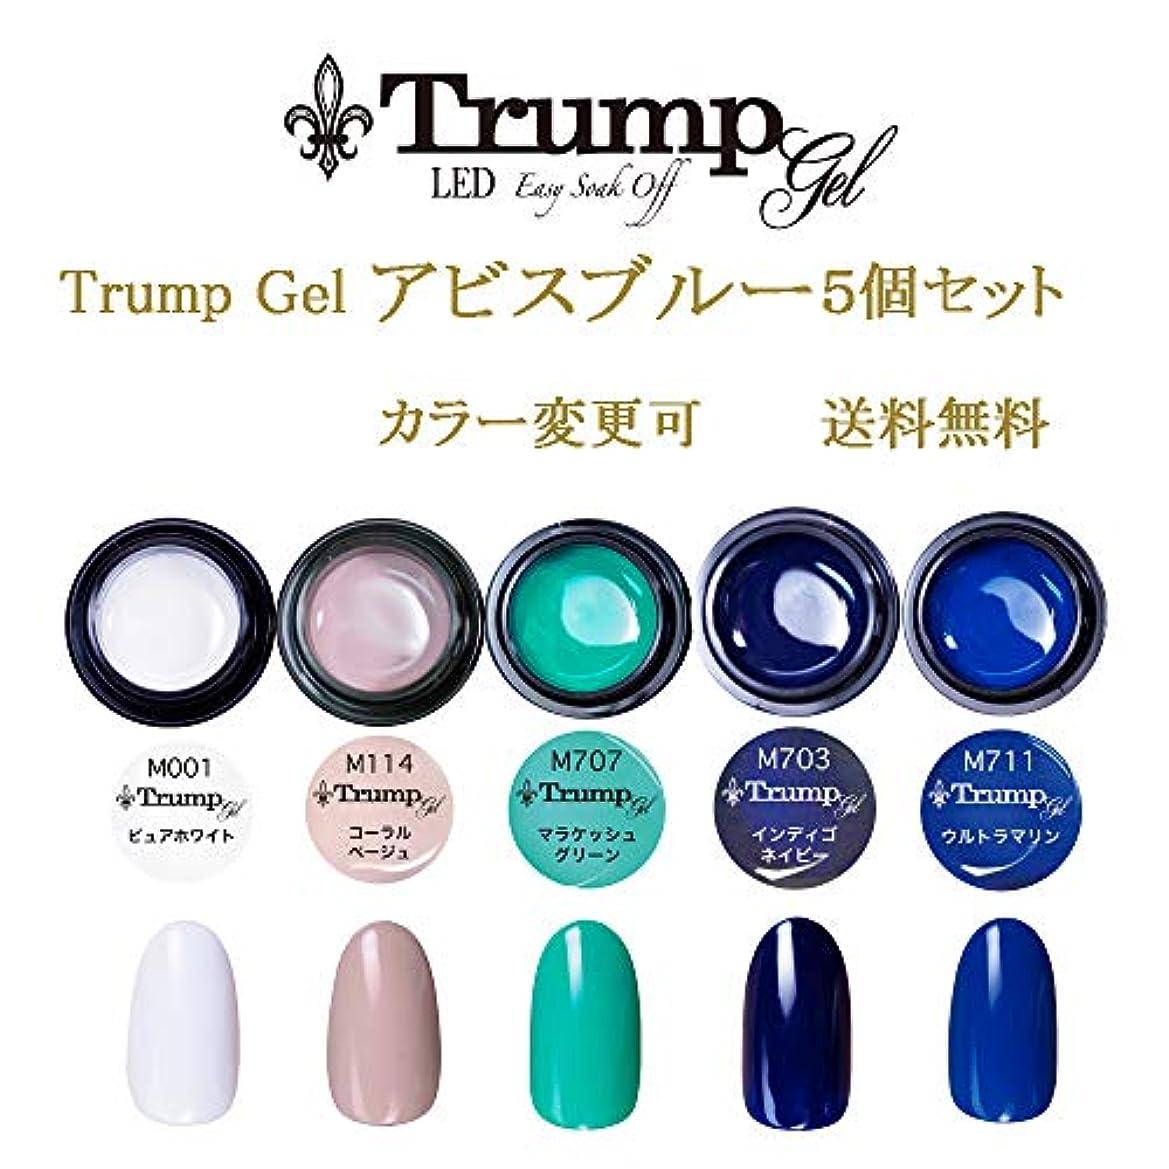 ナイトスポットセールパスポート日本製 Trump gel トランプジェル アビスブルーカラー 選べる カラージェル 5個セット ブルー ベージュ ターコイズ